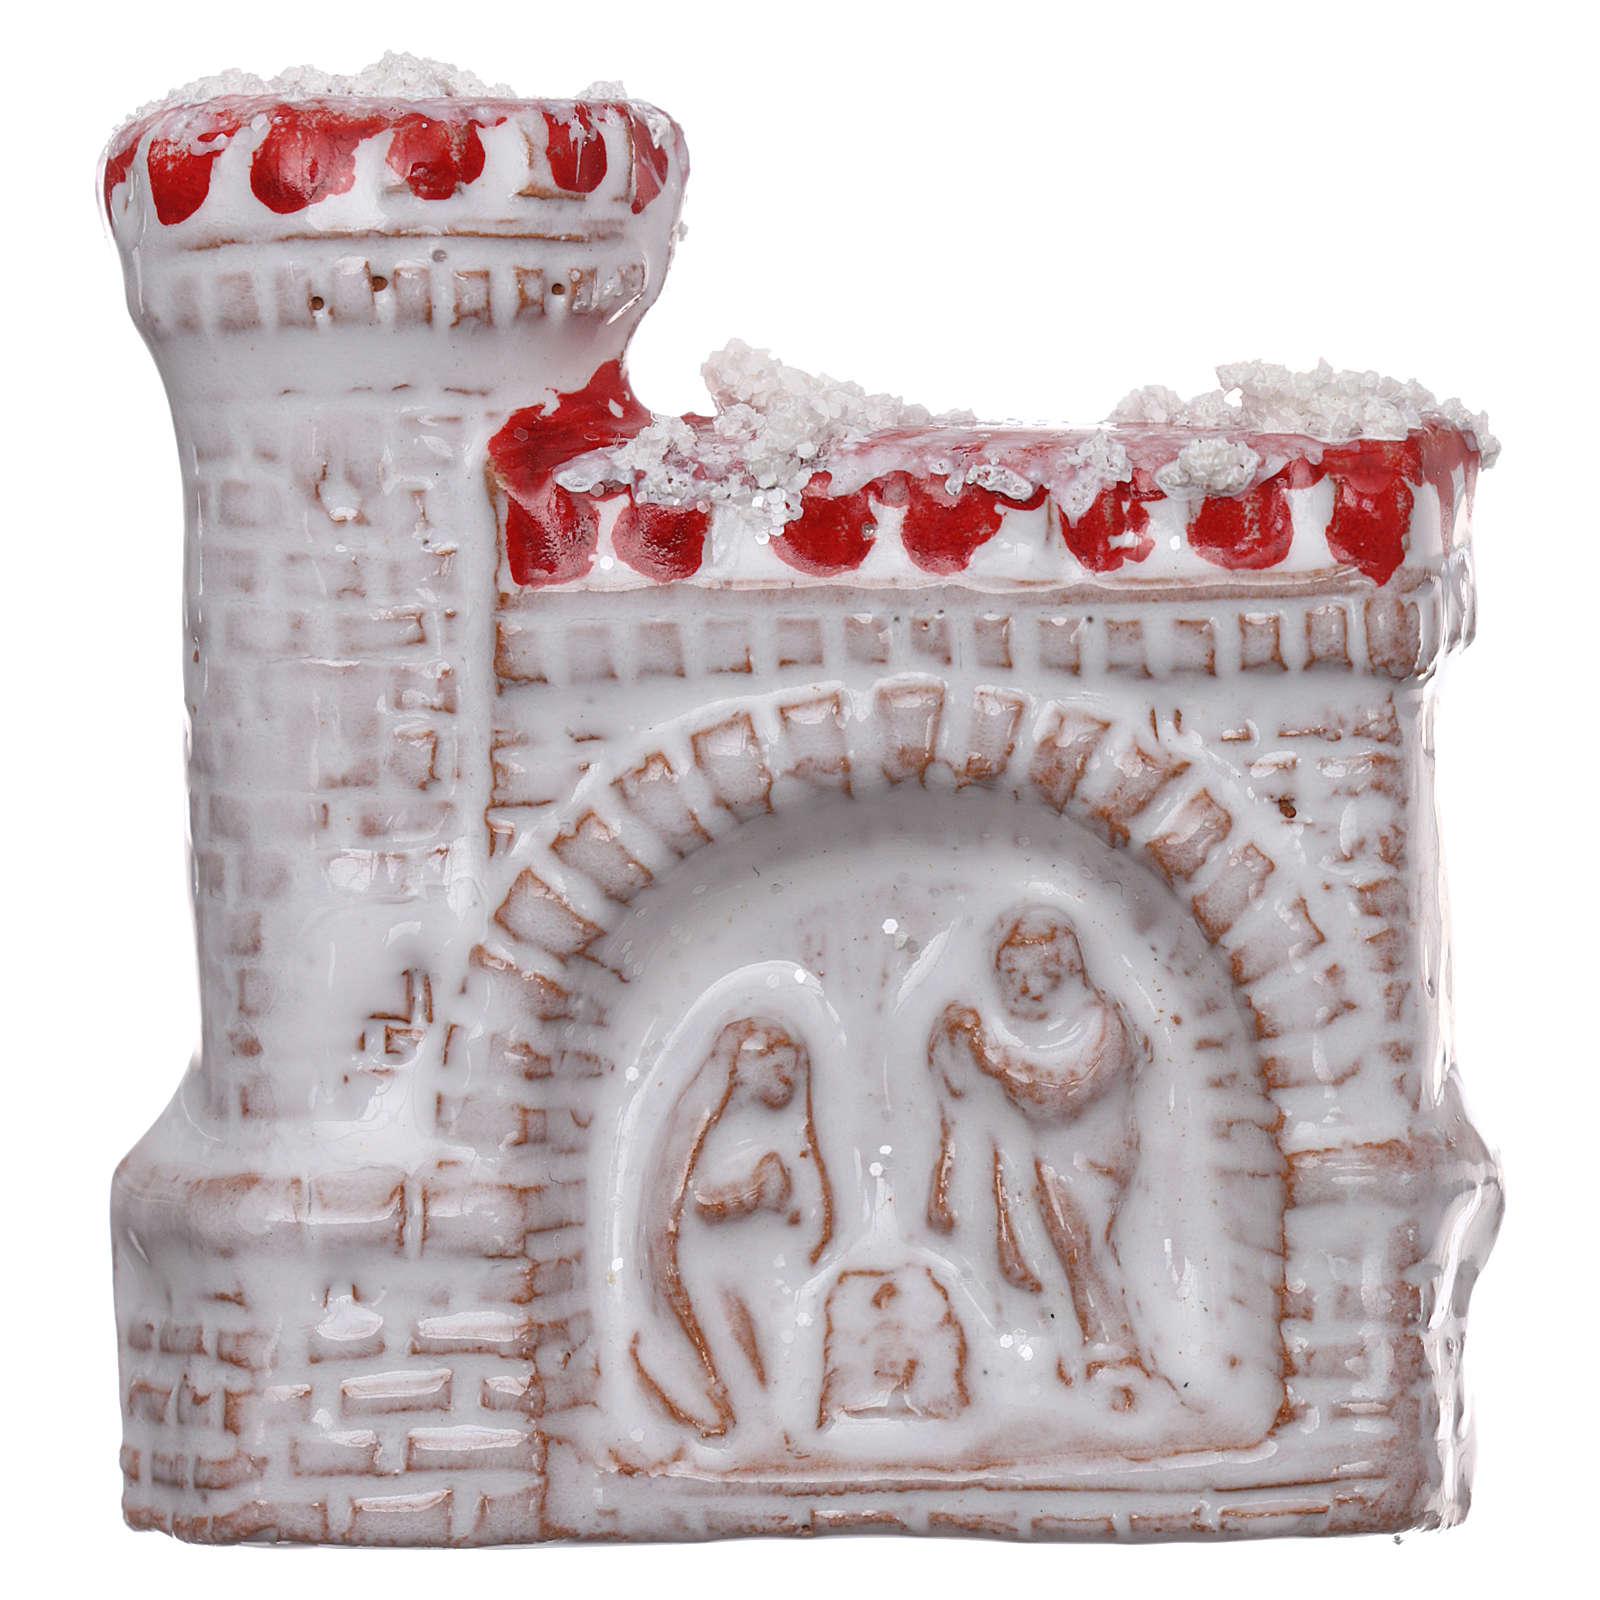 Aimant en terre cuite Deruta avec château et Nativité blanc et rouge 3